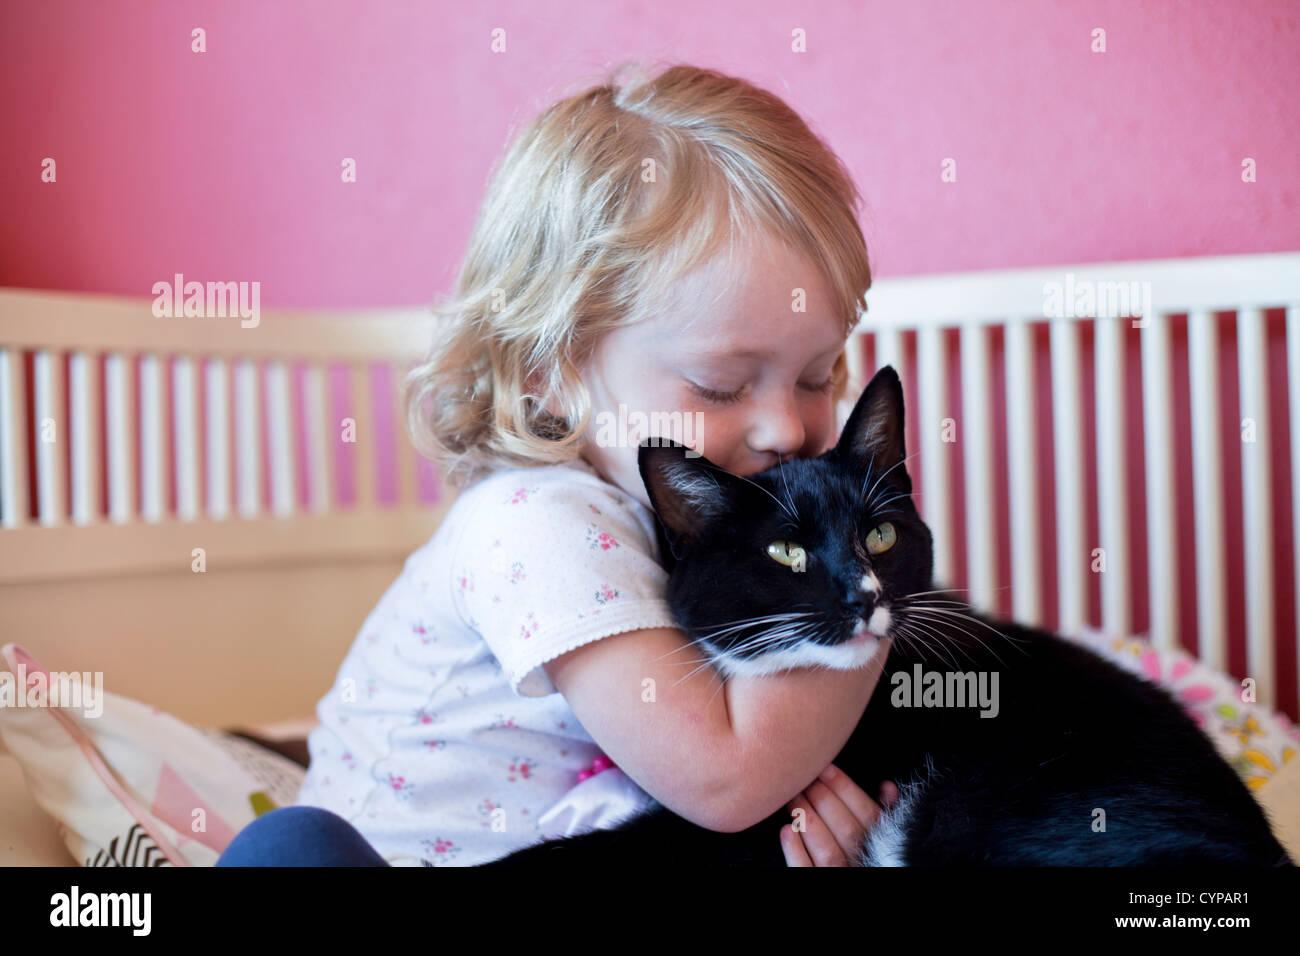 Kleinkind Mädchen umarmt ihre Katze. Stockfoto